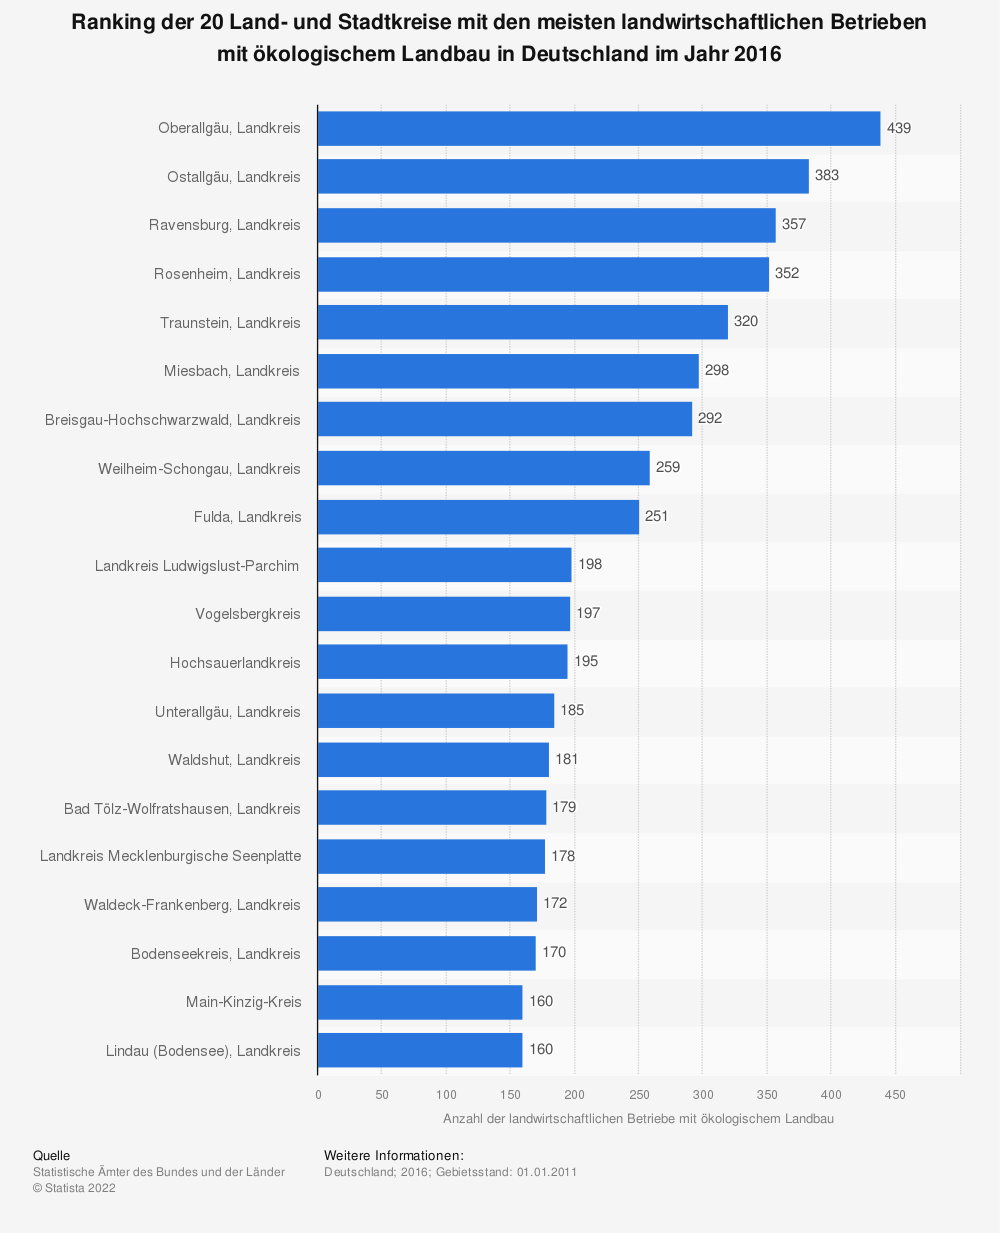 Statistik: Ranking der 20 Land- und Stadtkreise mit den meisten landwirtschaftlichen Betrieben mit ökologischem Landbau in Deutschland im Jahr 2016 | Statista